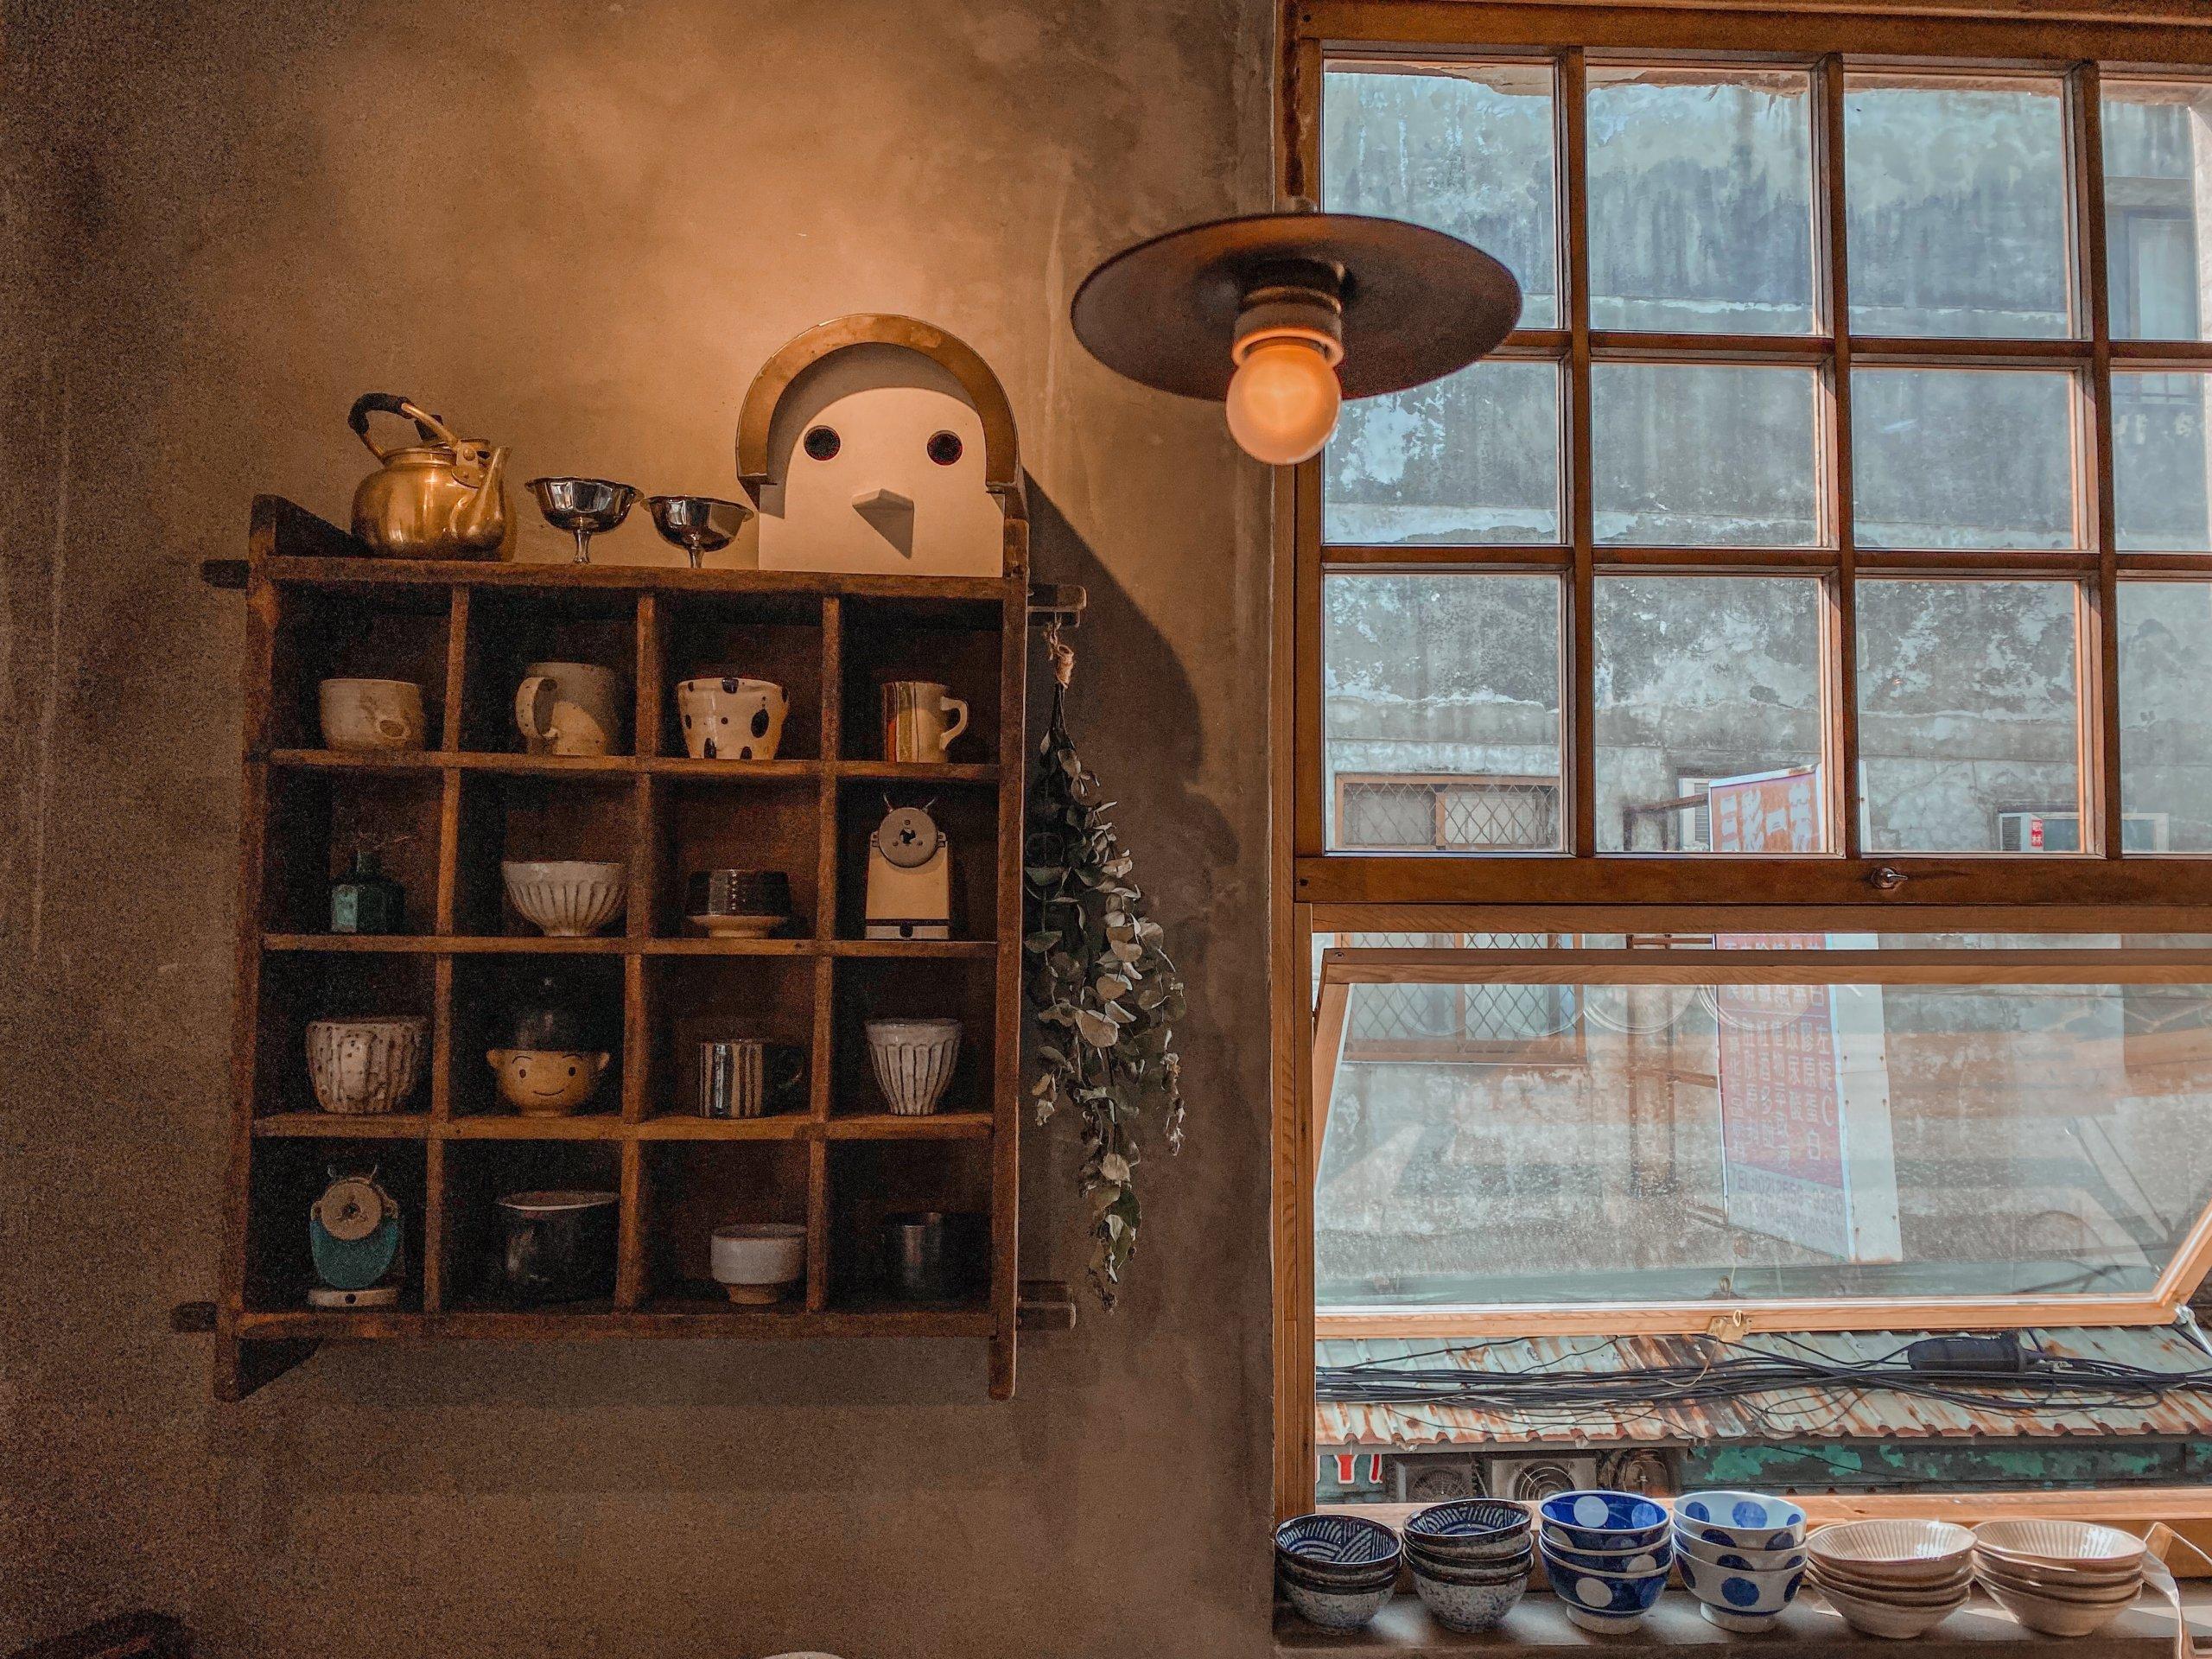 台北不限時咖啡廳|中山區咖啡店卜卜商行|平價飲品。甜點。選物店  環境